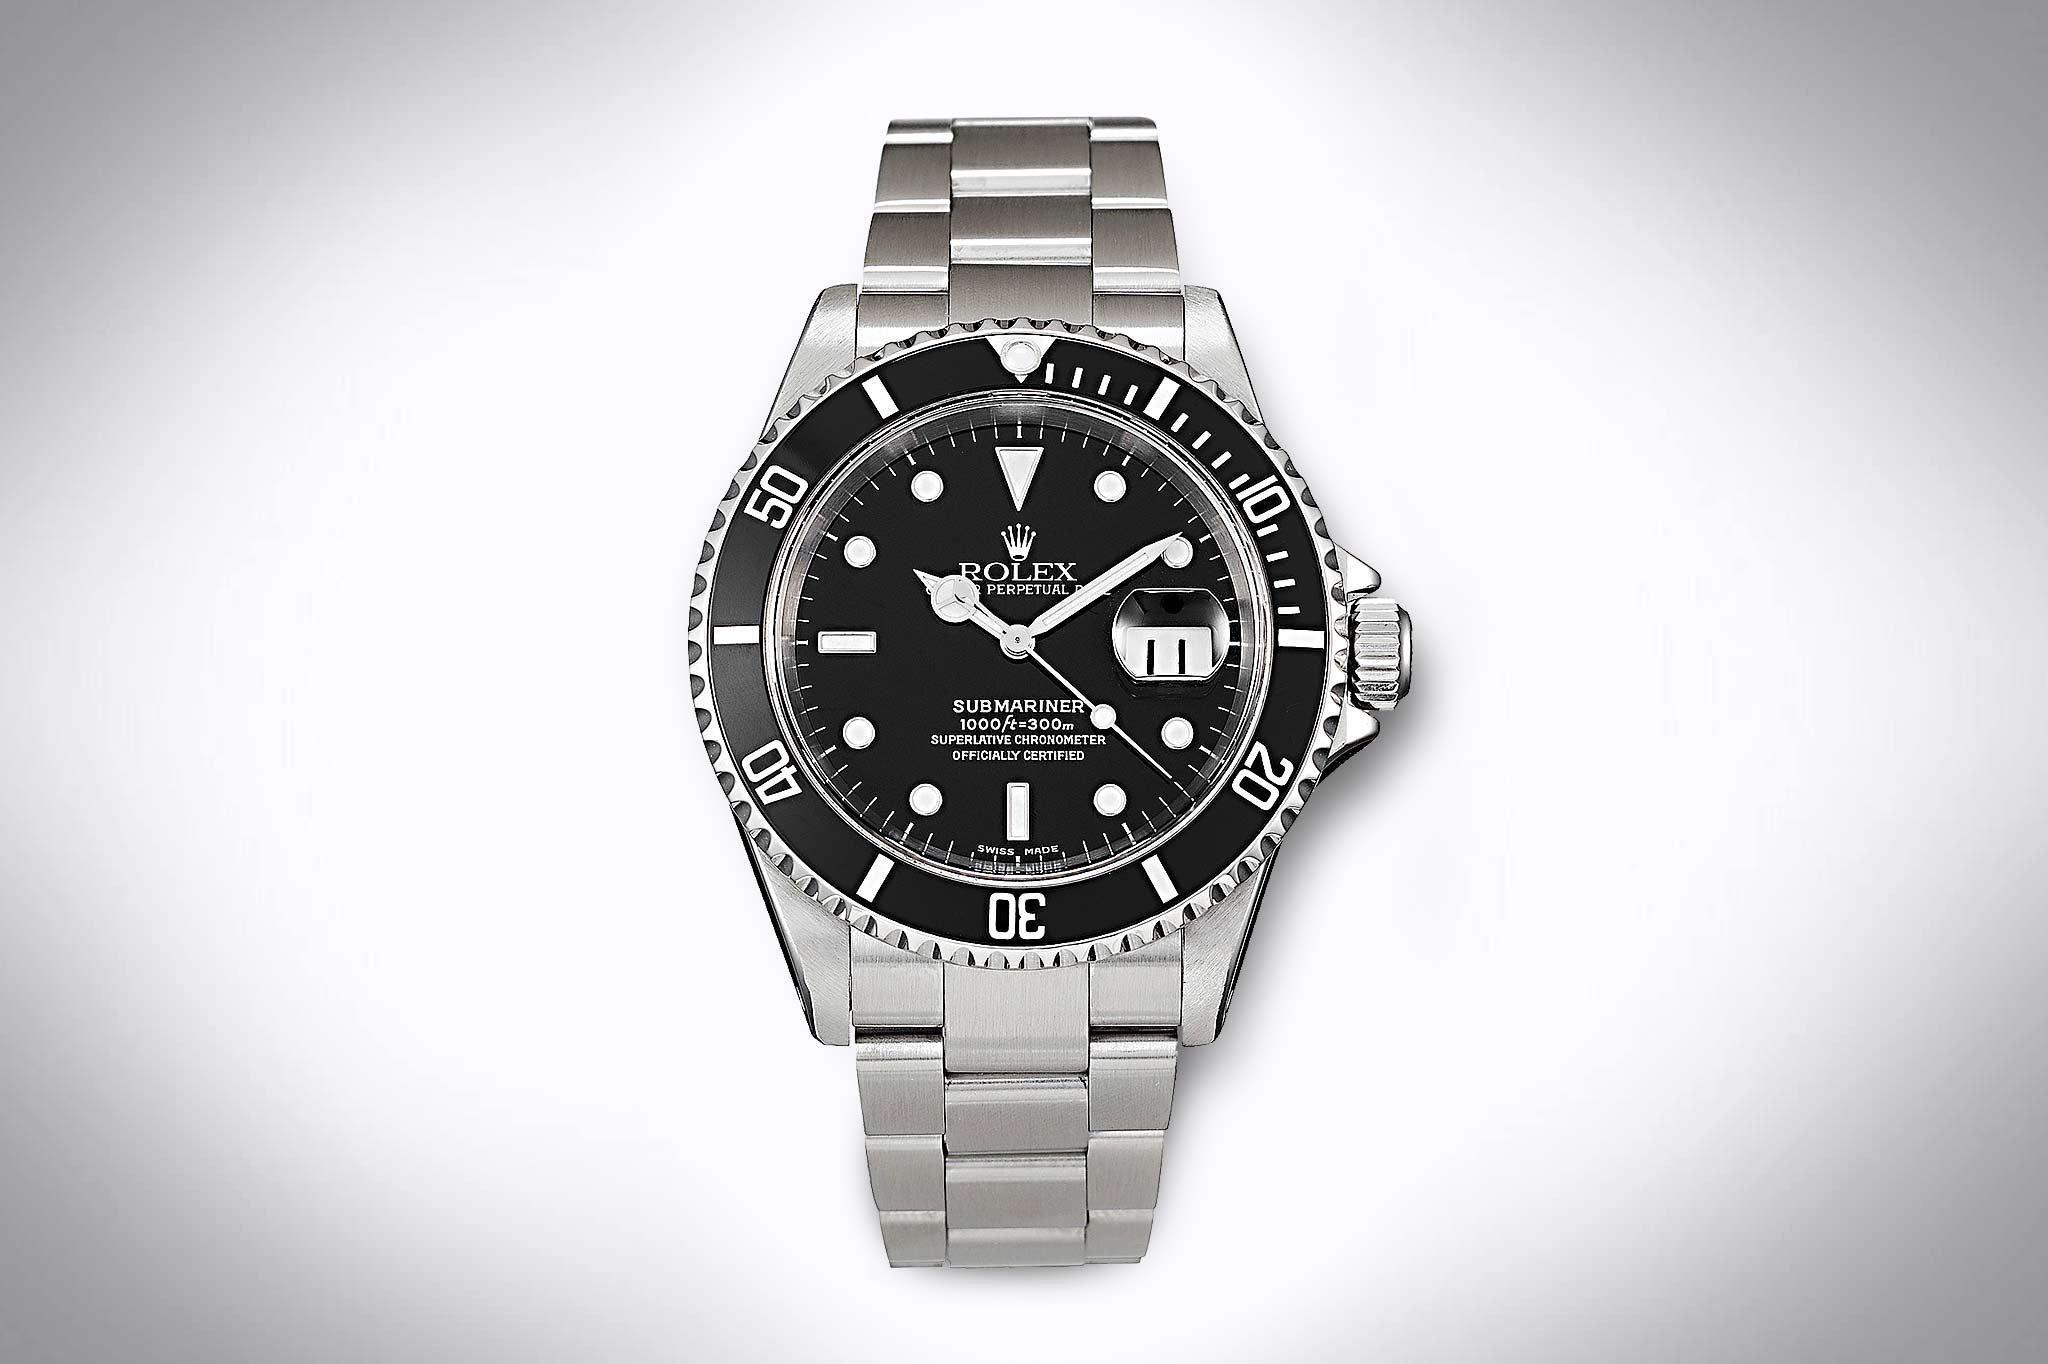 Rolex Submariner Referenznummer 16610